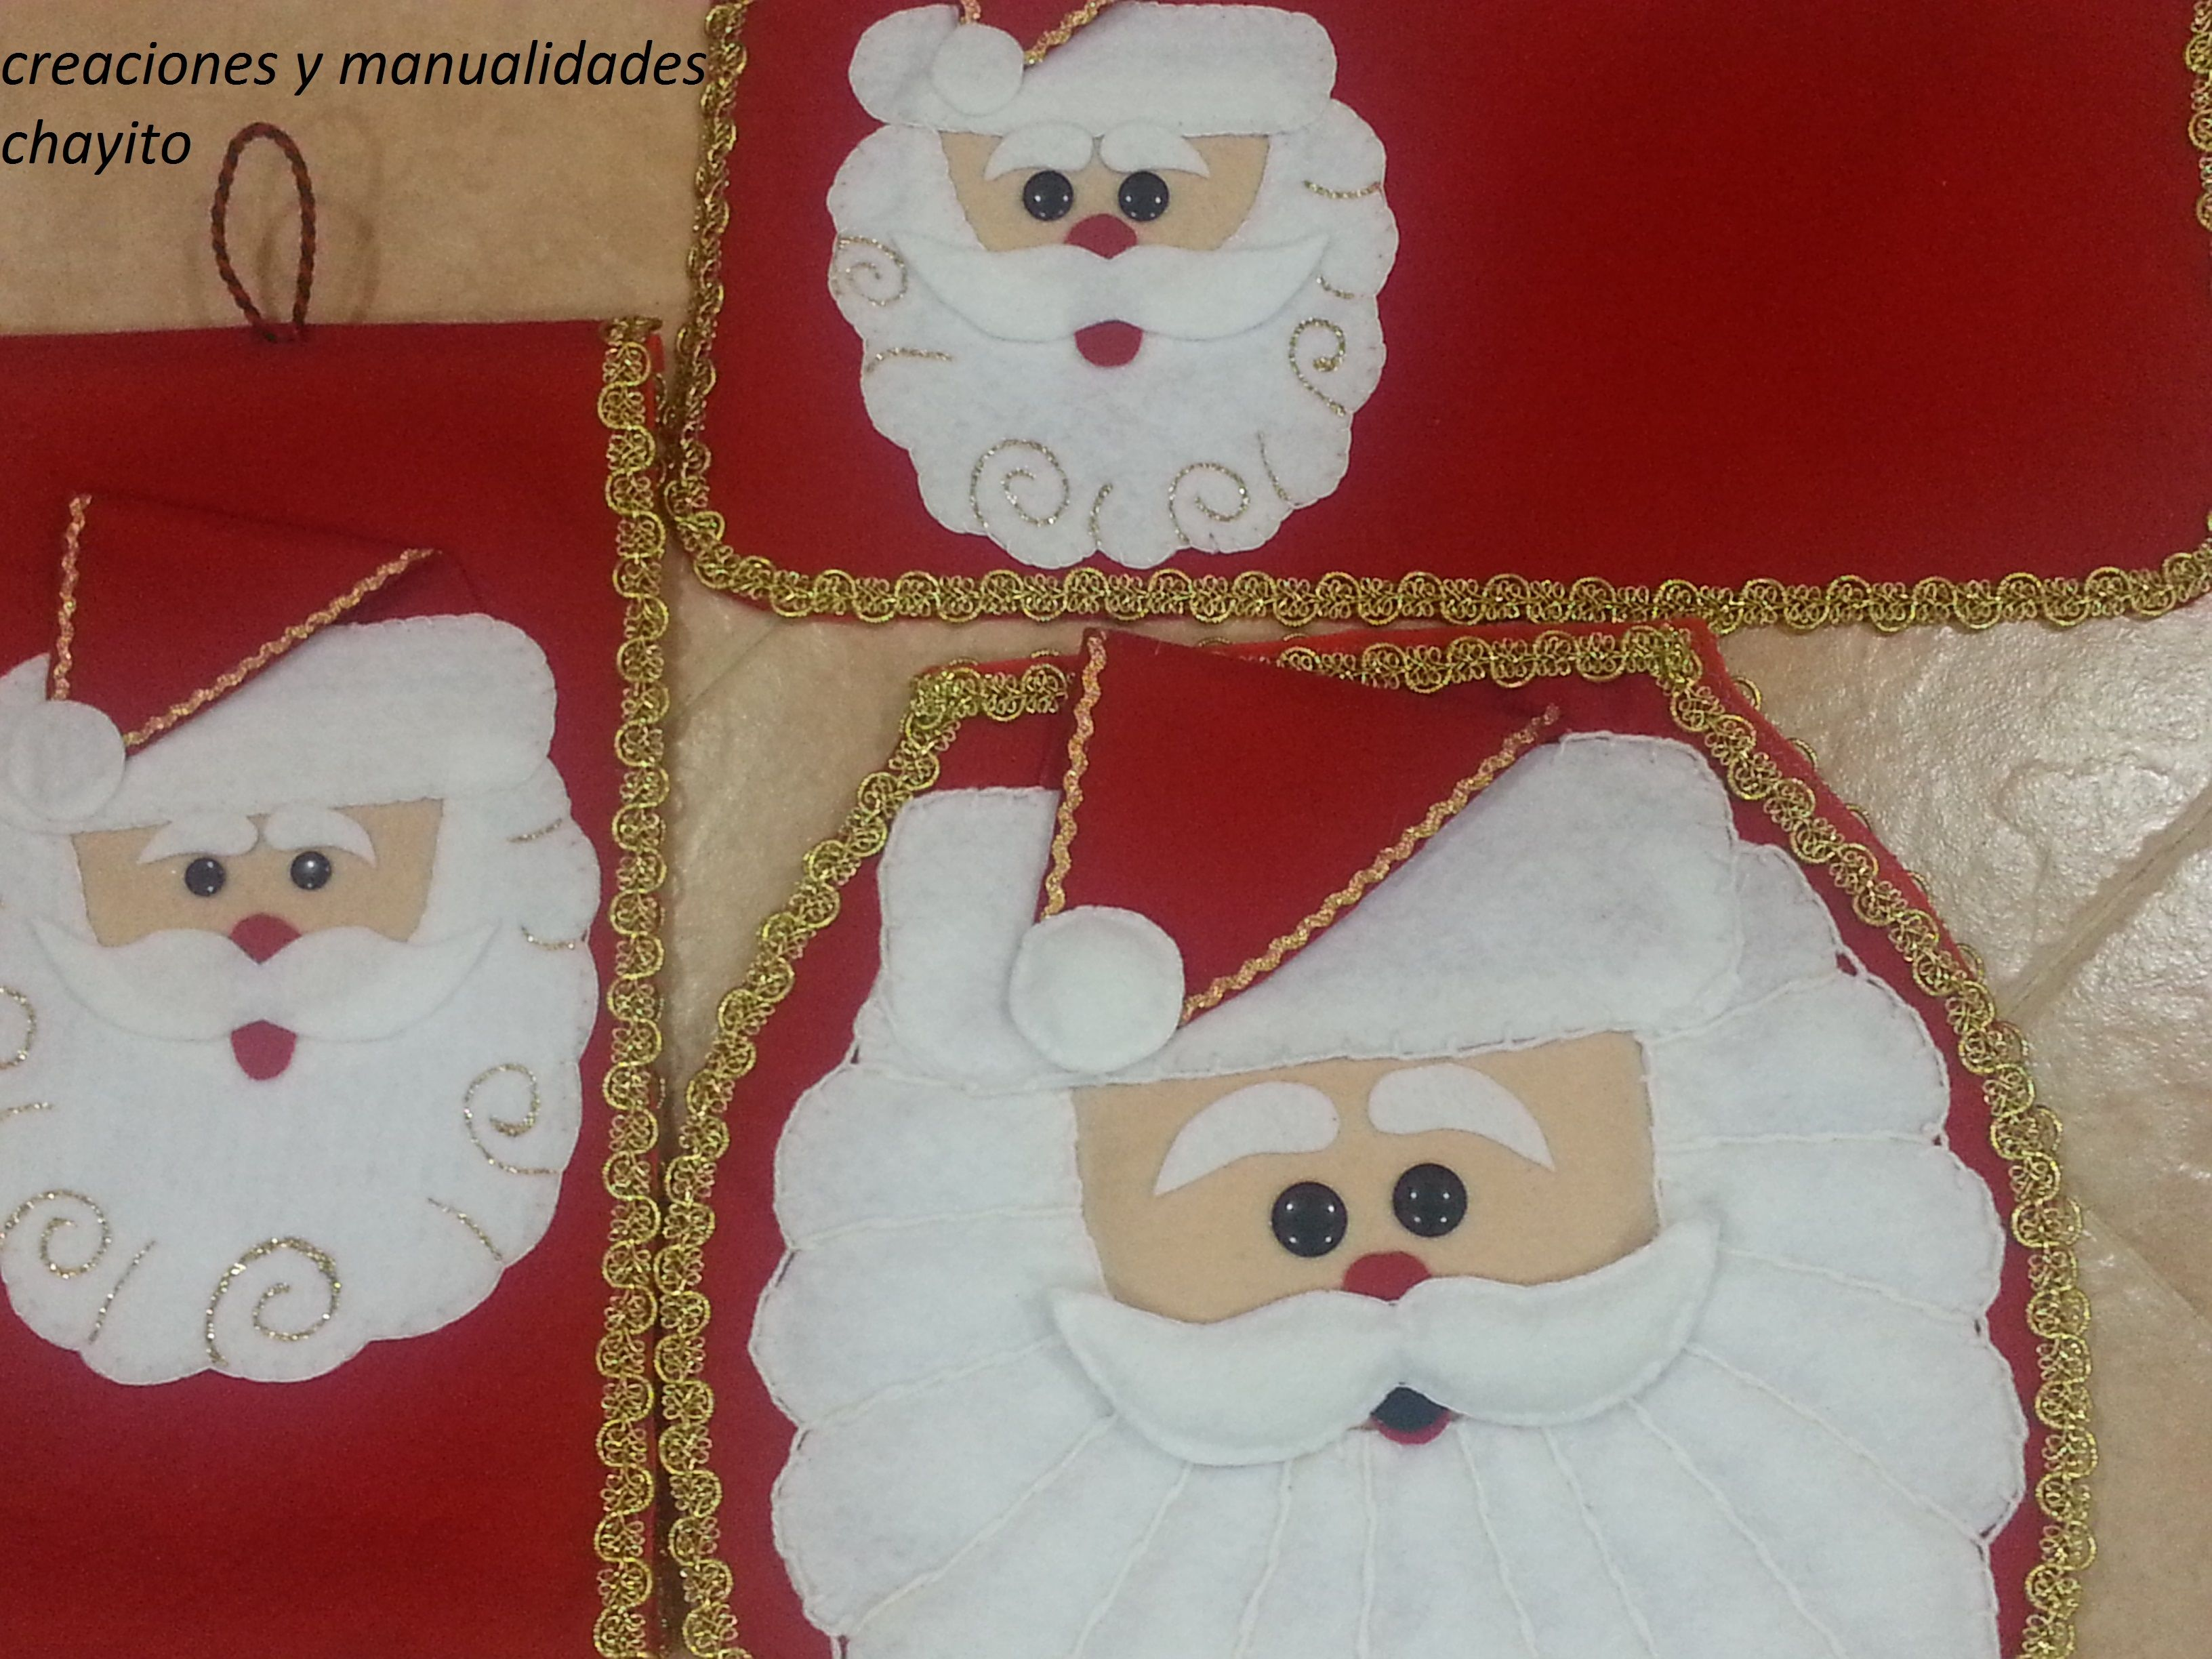 juego de baño navideño  preparandonos para navidad ...